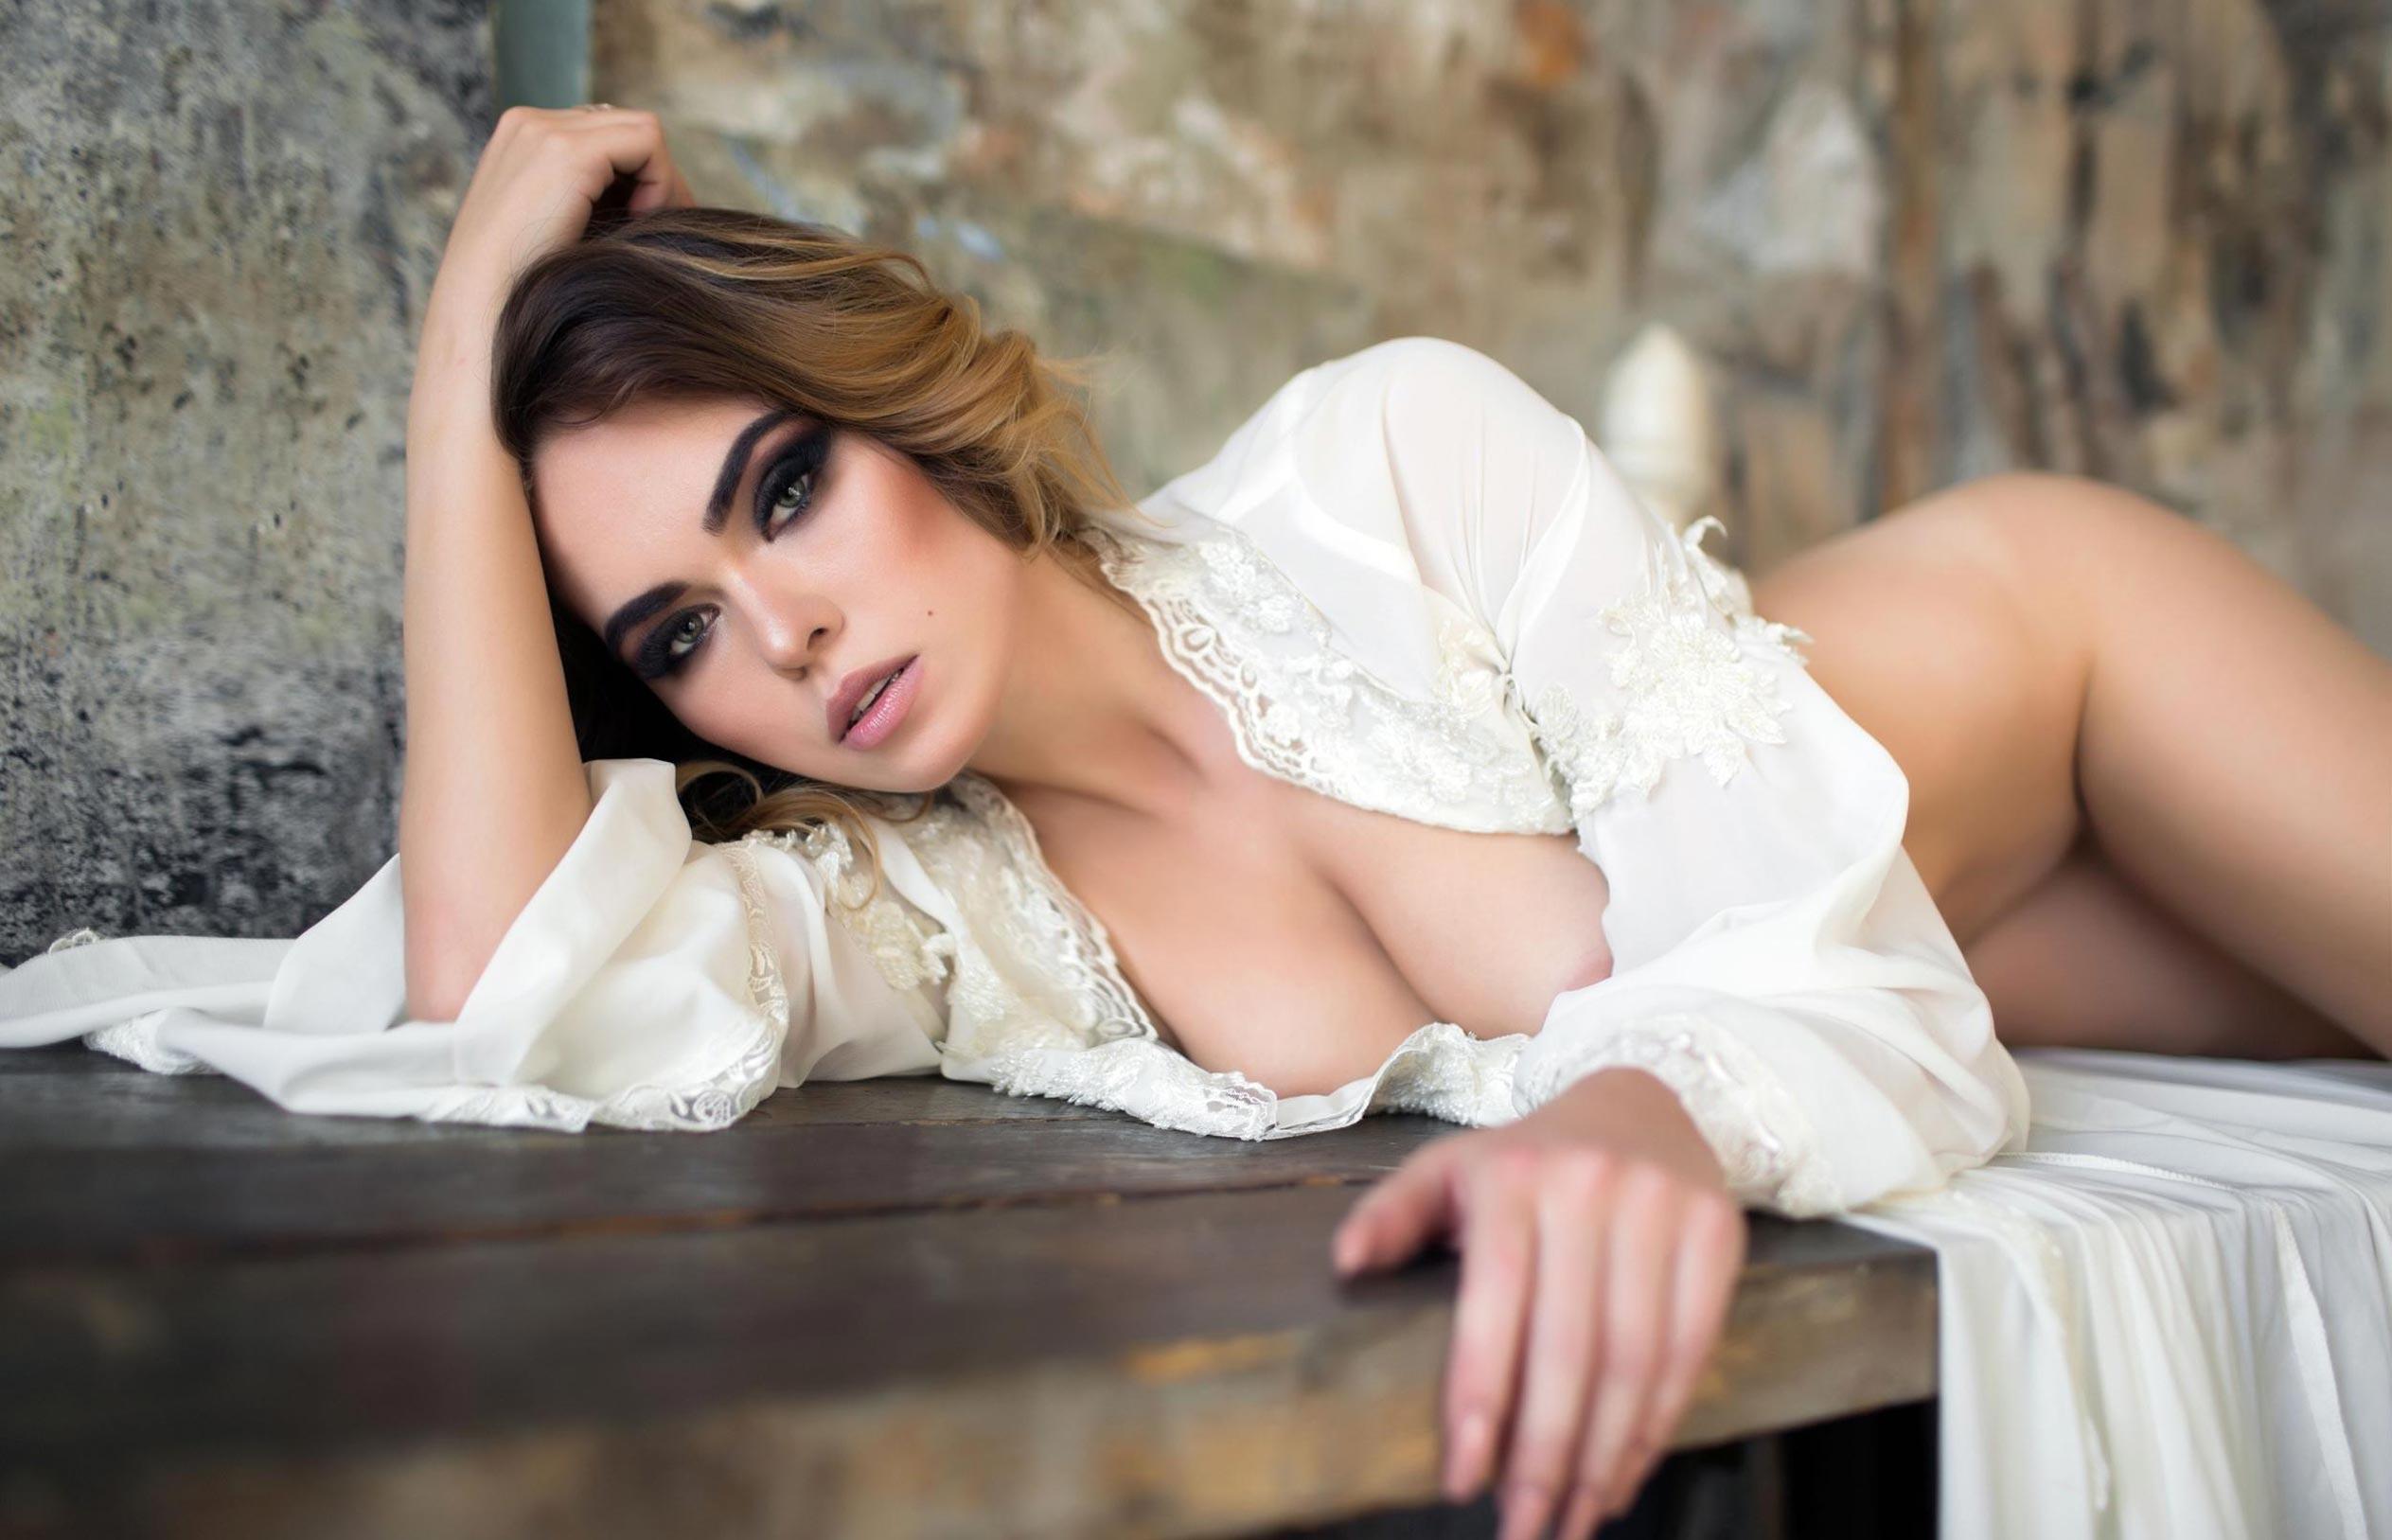 голая модель в винтажных интерьерах / сексуальная Эллина Мюллер / фото 15